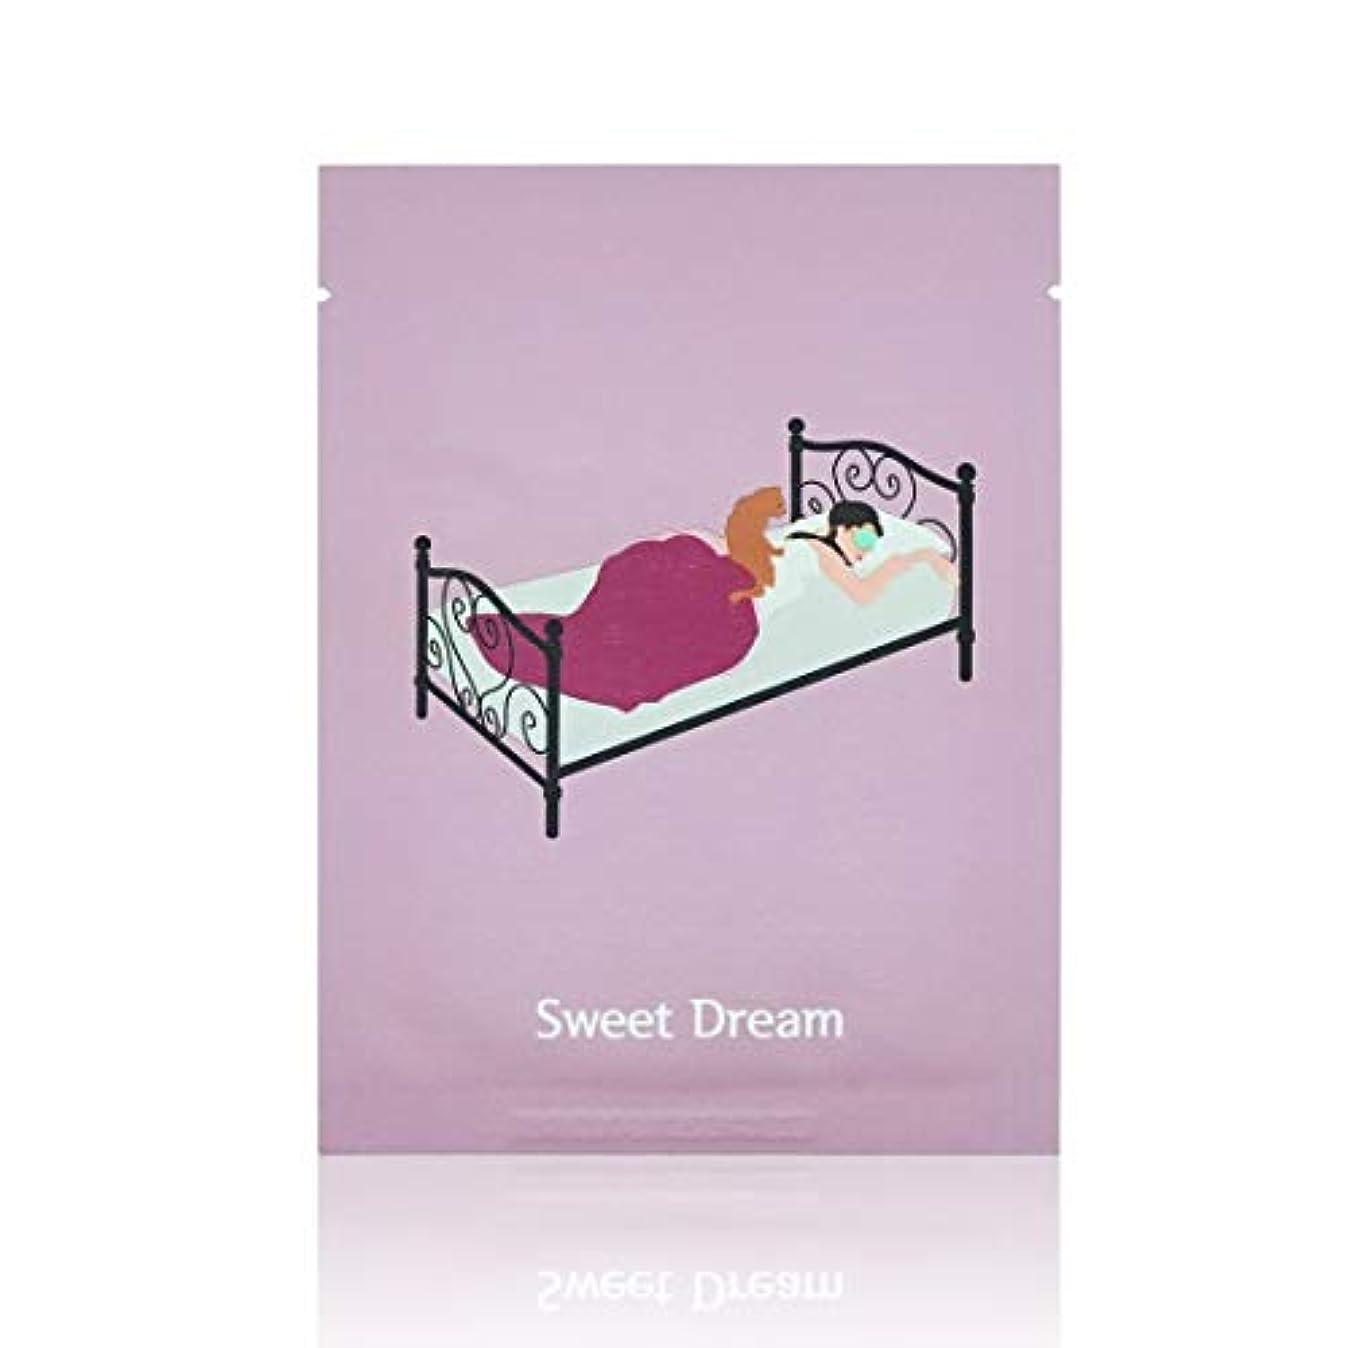 影響するクリスチャン虫【PACKAGE】Sweet Dream Deep Sleeping Mask 10ea スリーピング マスク パック (10枚入り) 韓国 美白 セット 顔 保湿 モイスト ランキング シート 毎日 おすすめ